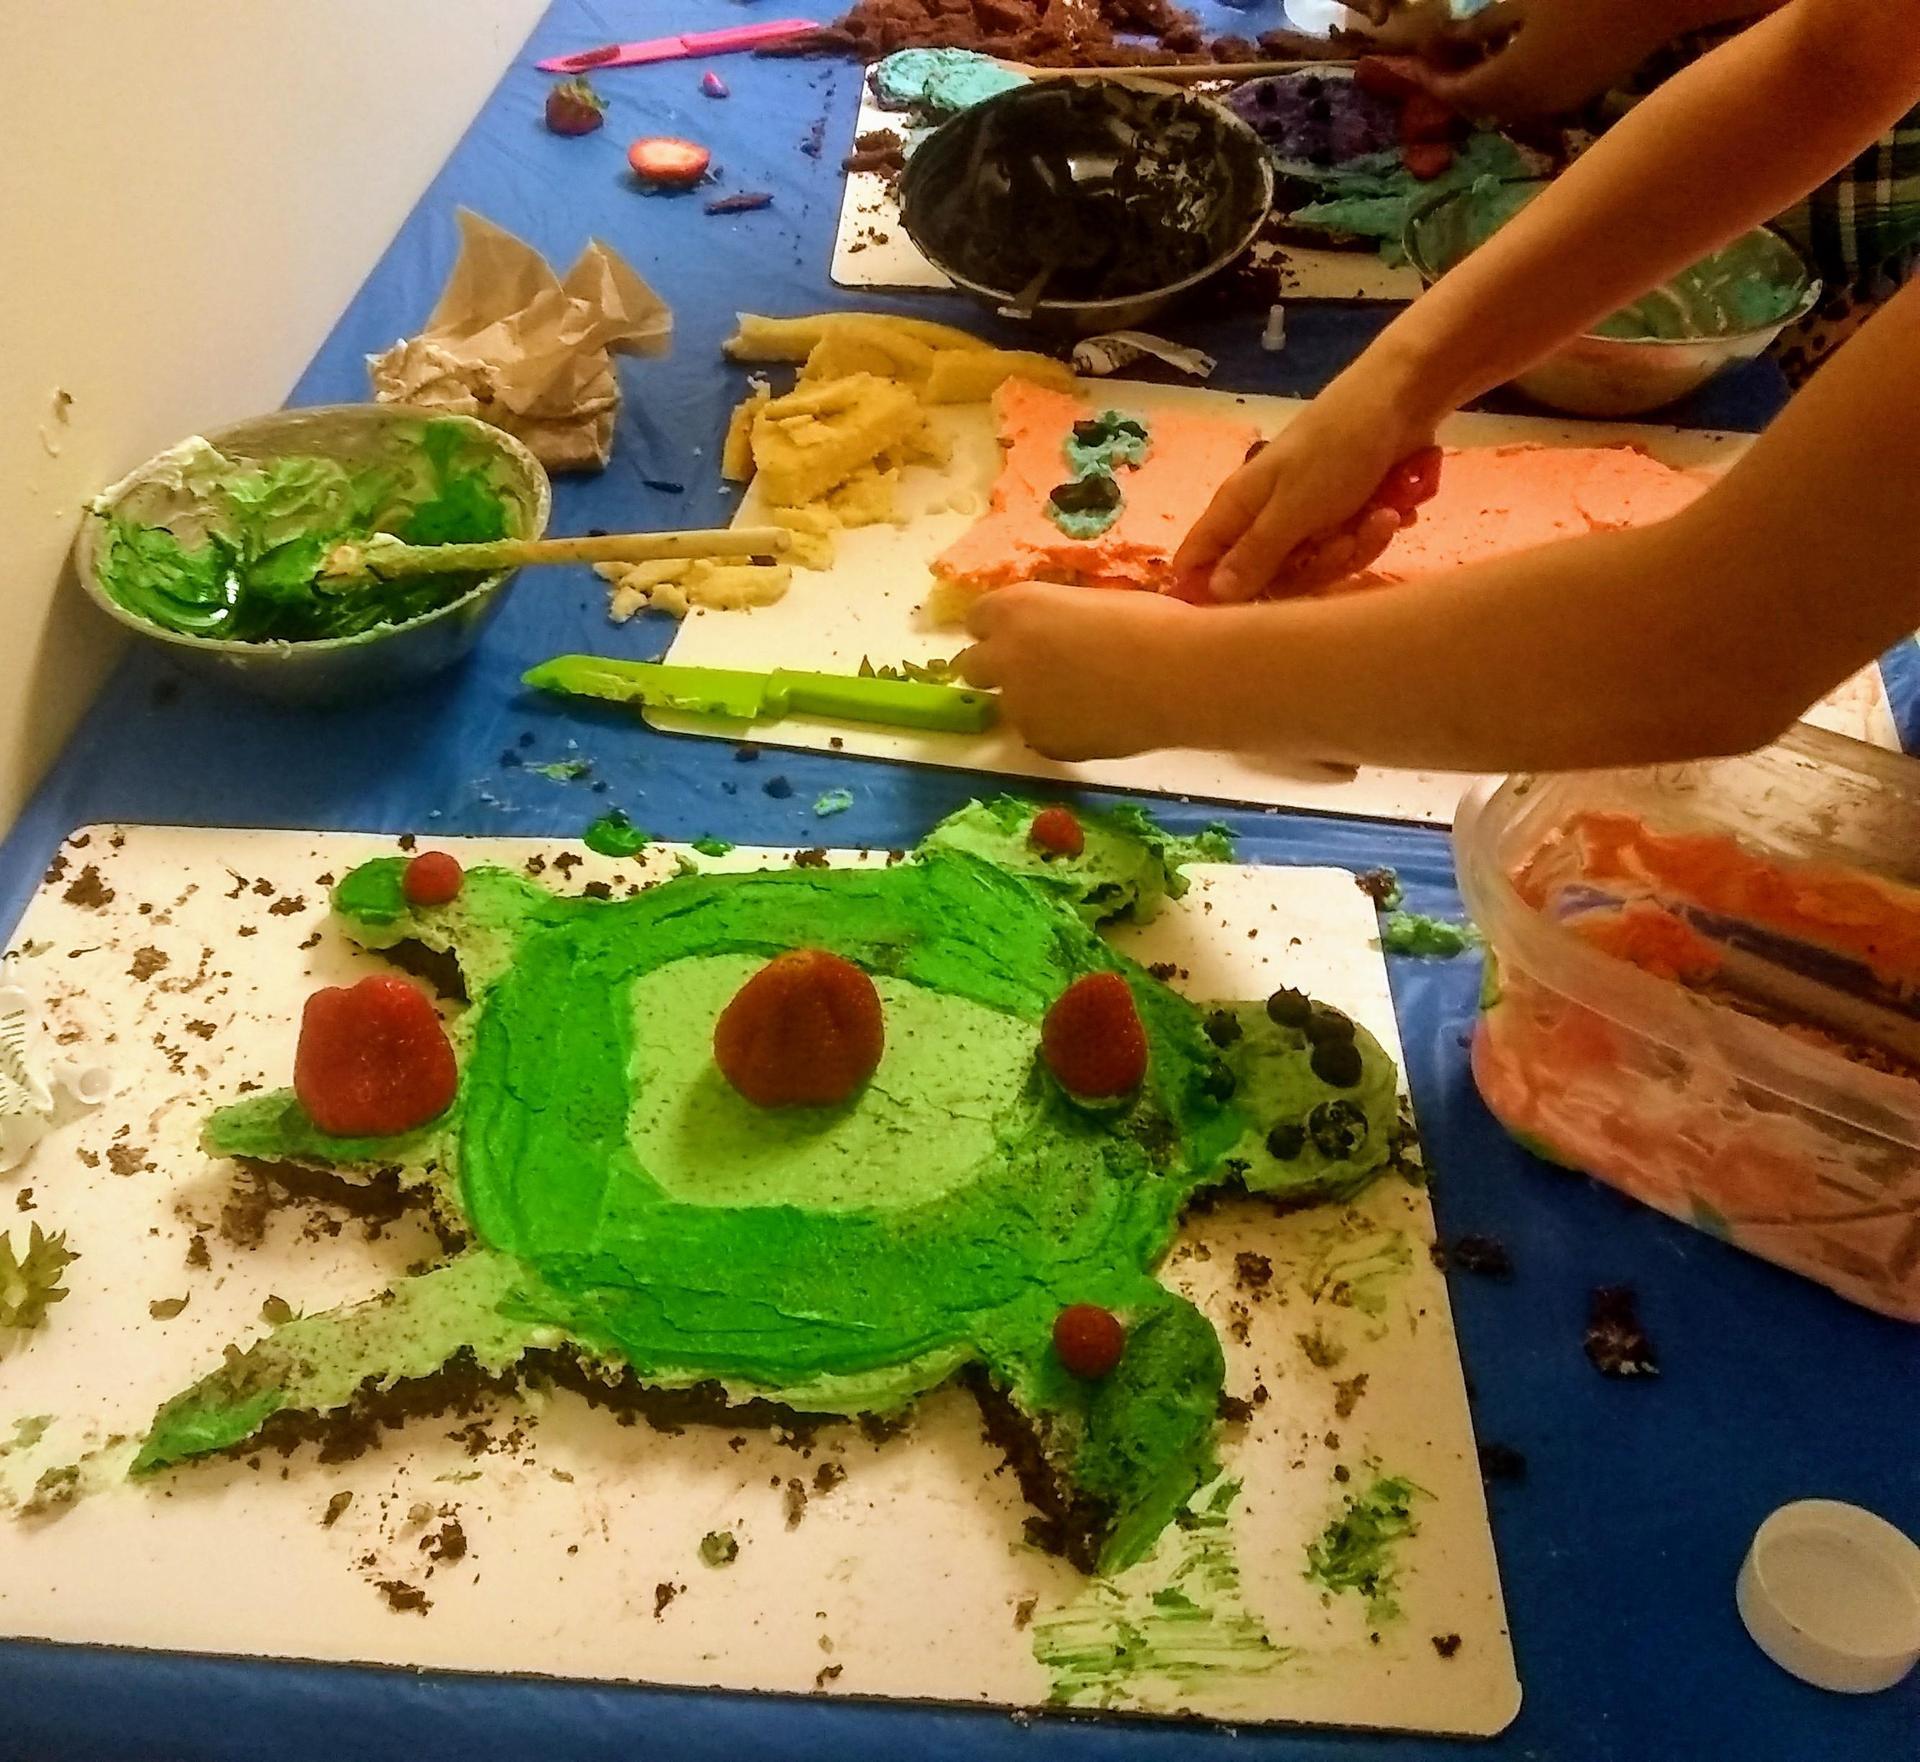 a turtle shaped cake